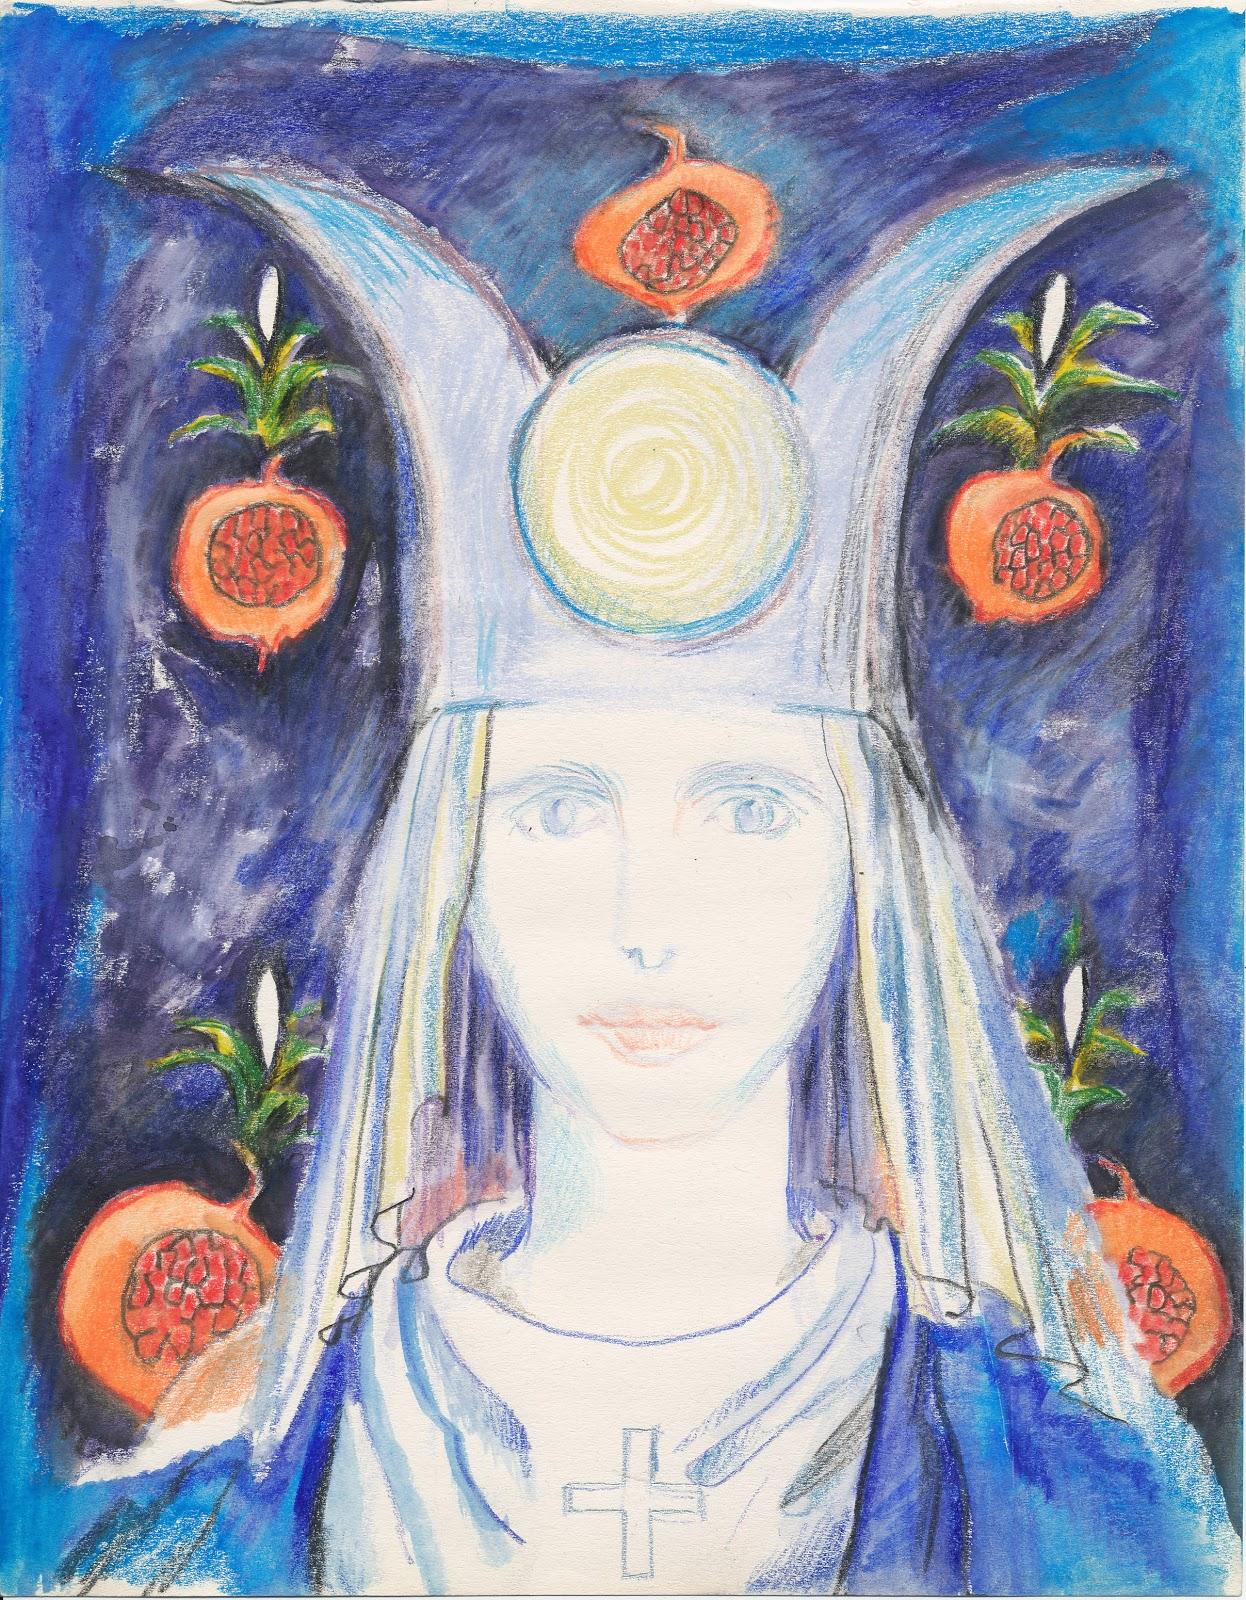 Tarot Priestess, by Jane Adams 2003.